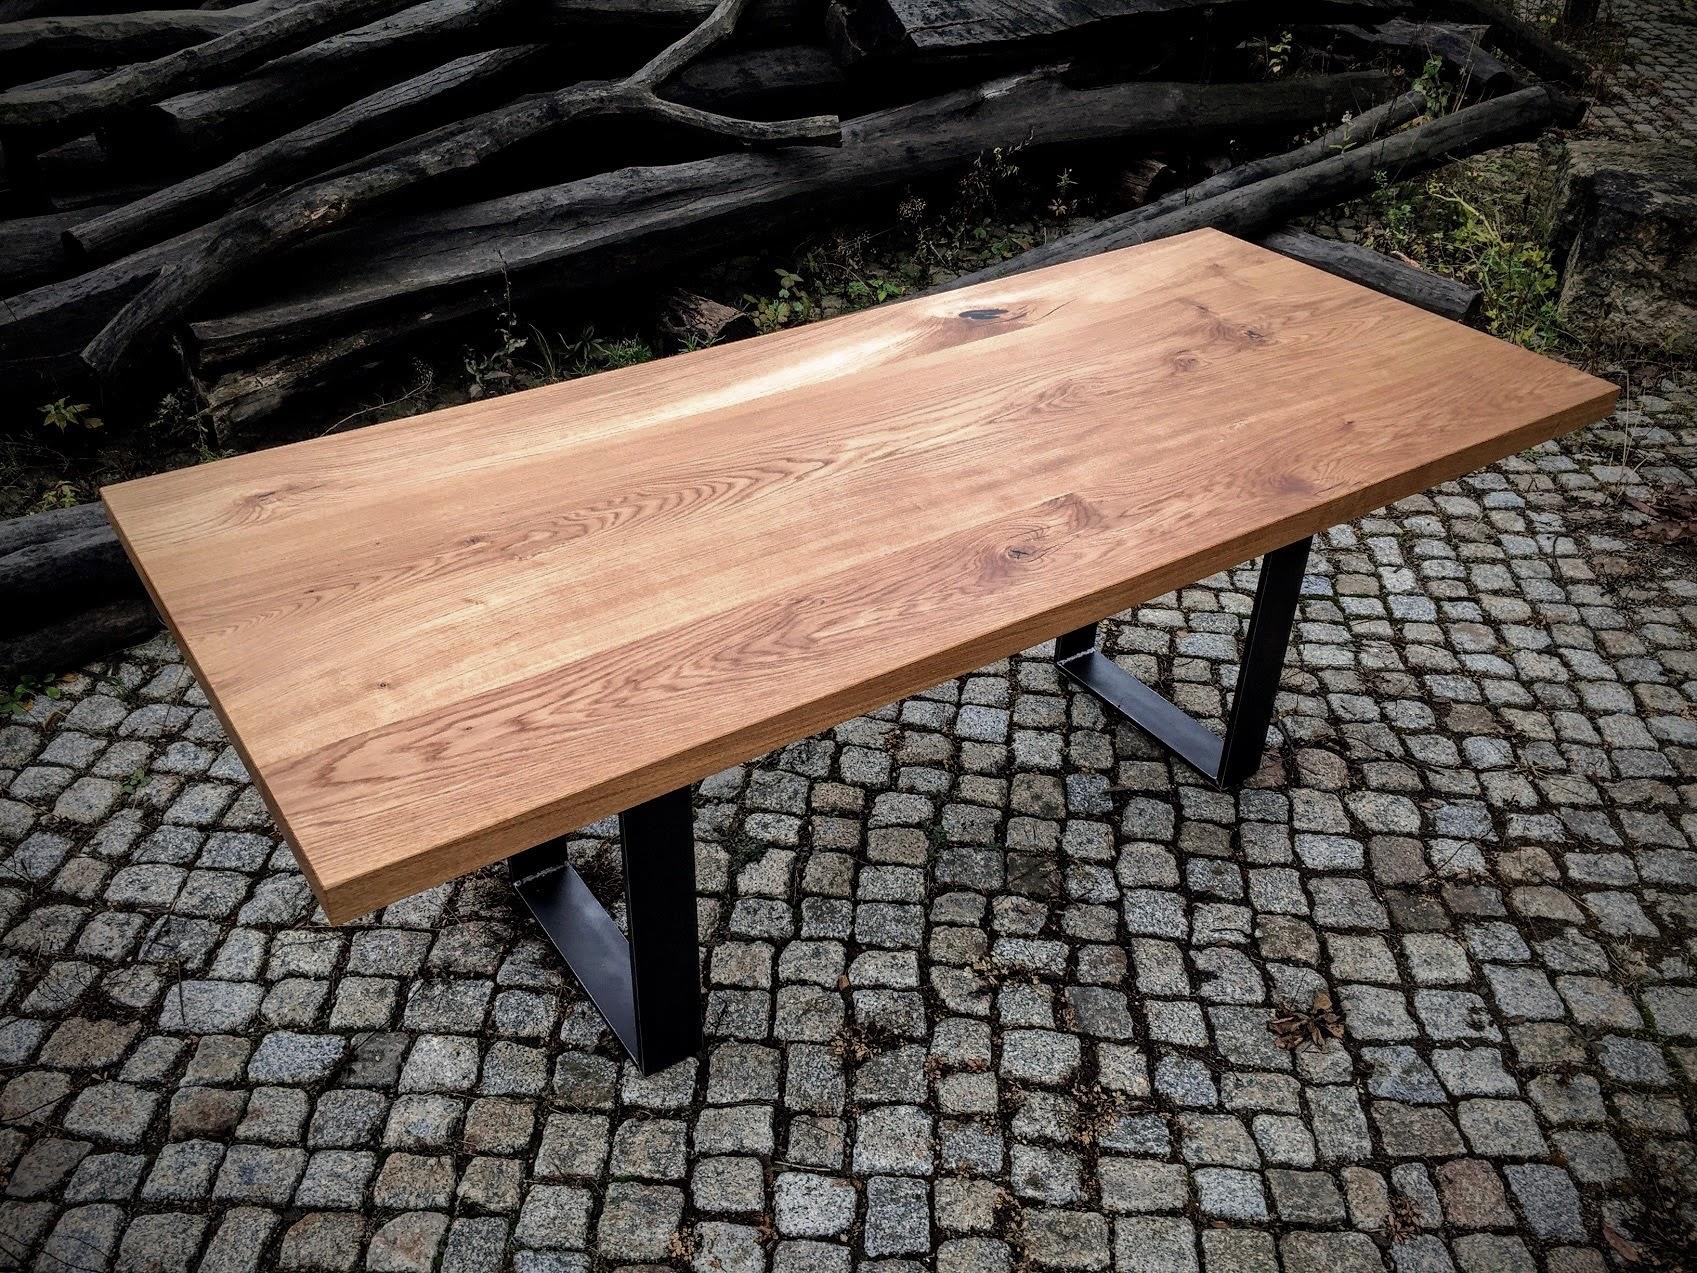 massivholztisch aus 50mm dicker eiche mit tischbeinen aus. Black Bedroom Furniture Sets. Home Design Ideas